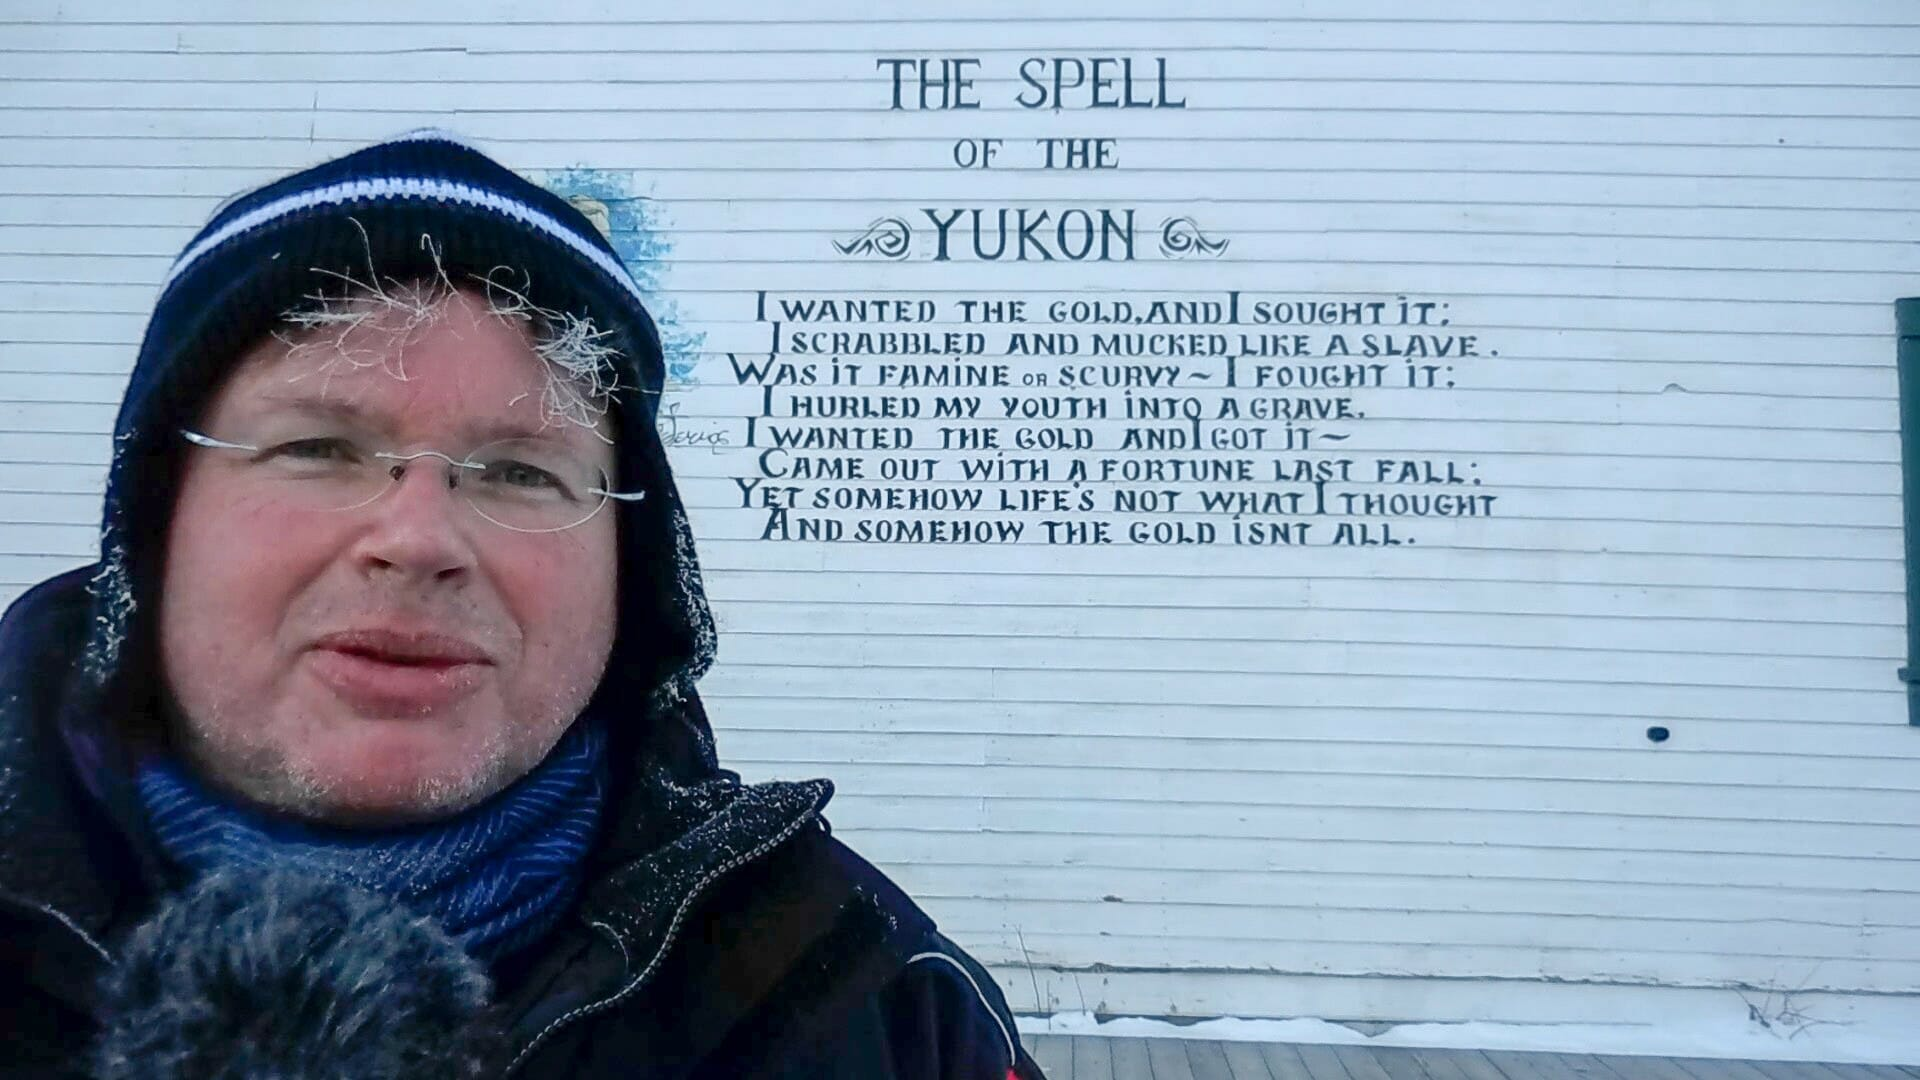 Im Yukon selbst ist der Dichter Robert W. Service weitaus populärer als Jack London. Die Gedichte von Service findet man in Dawson sogar auf Hauswänden.